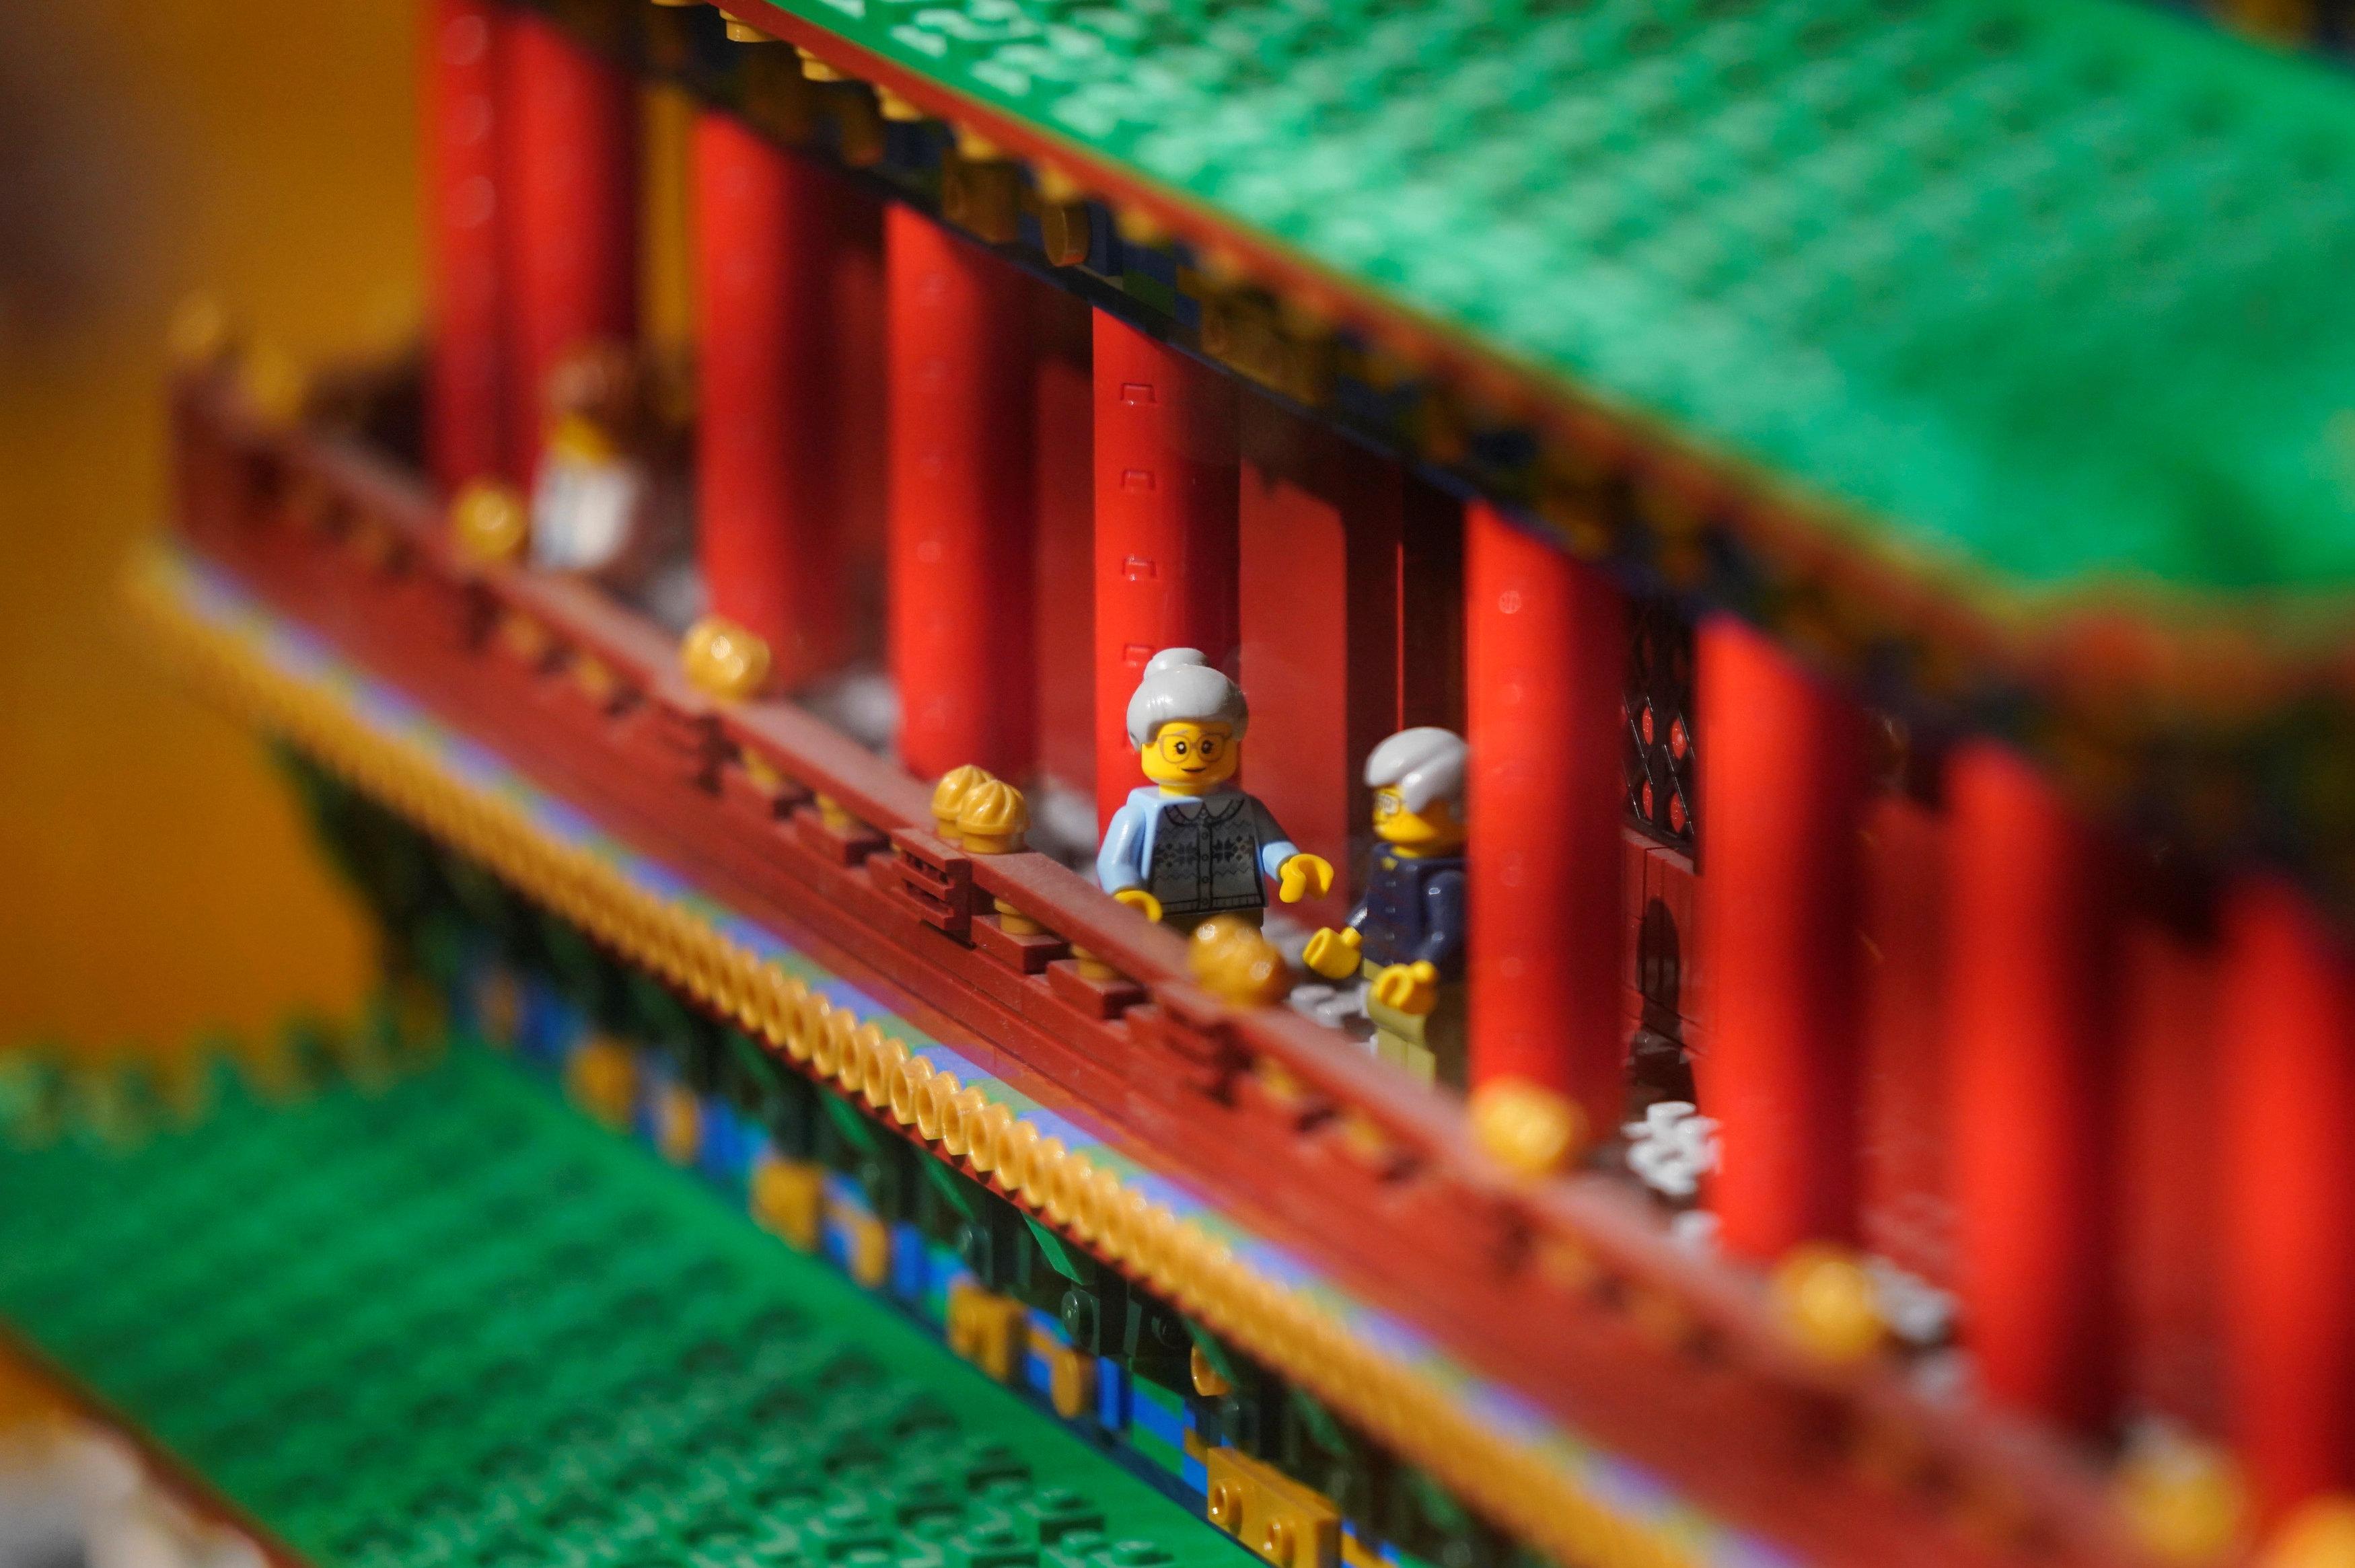 Frisk Forskere advarer mod gamle Lego-klodser og andet legetøj - RetailNews JP-01